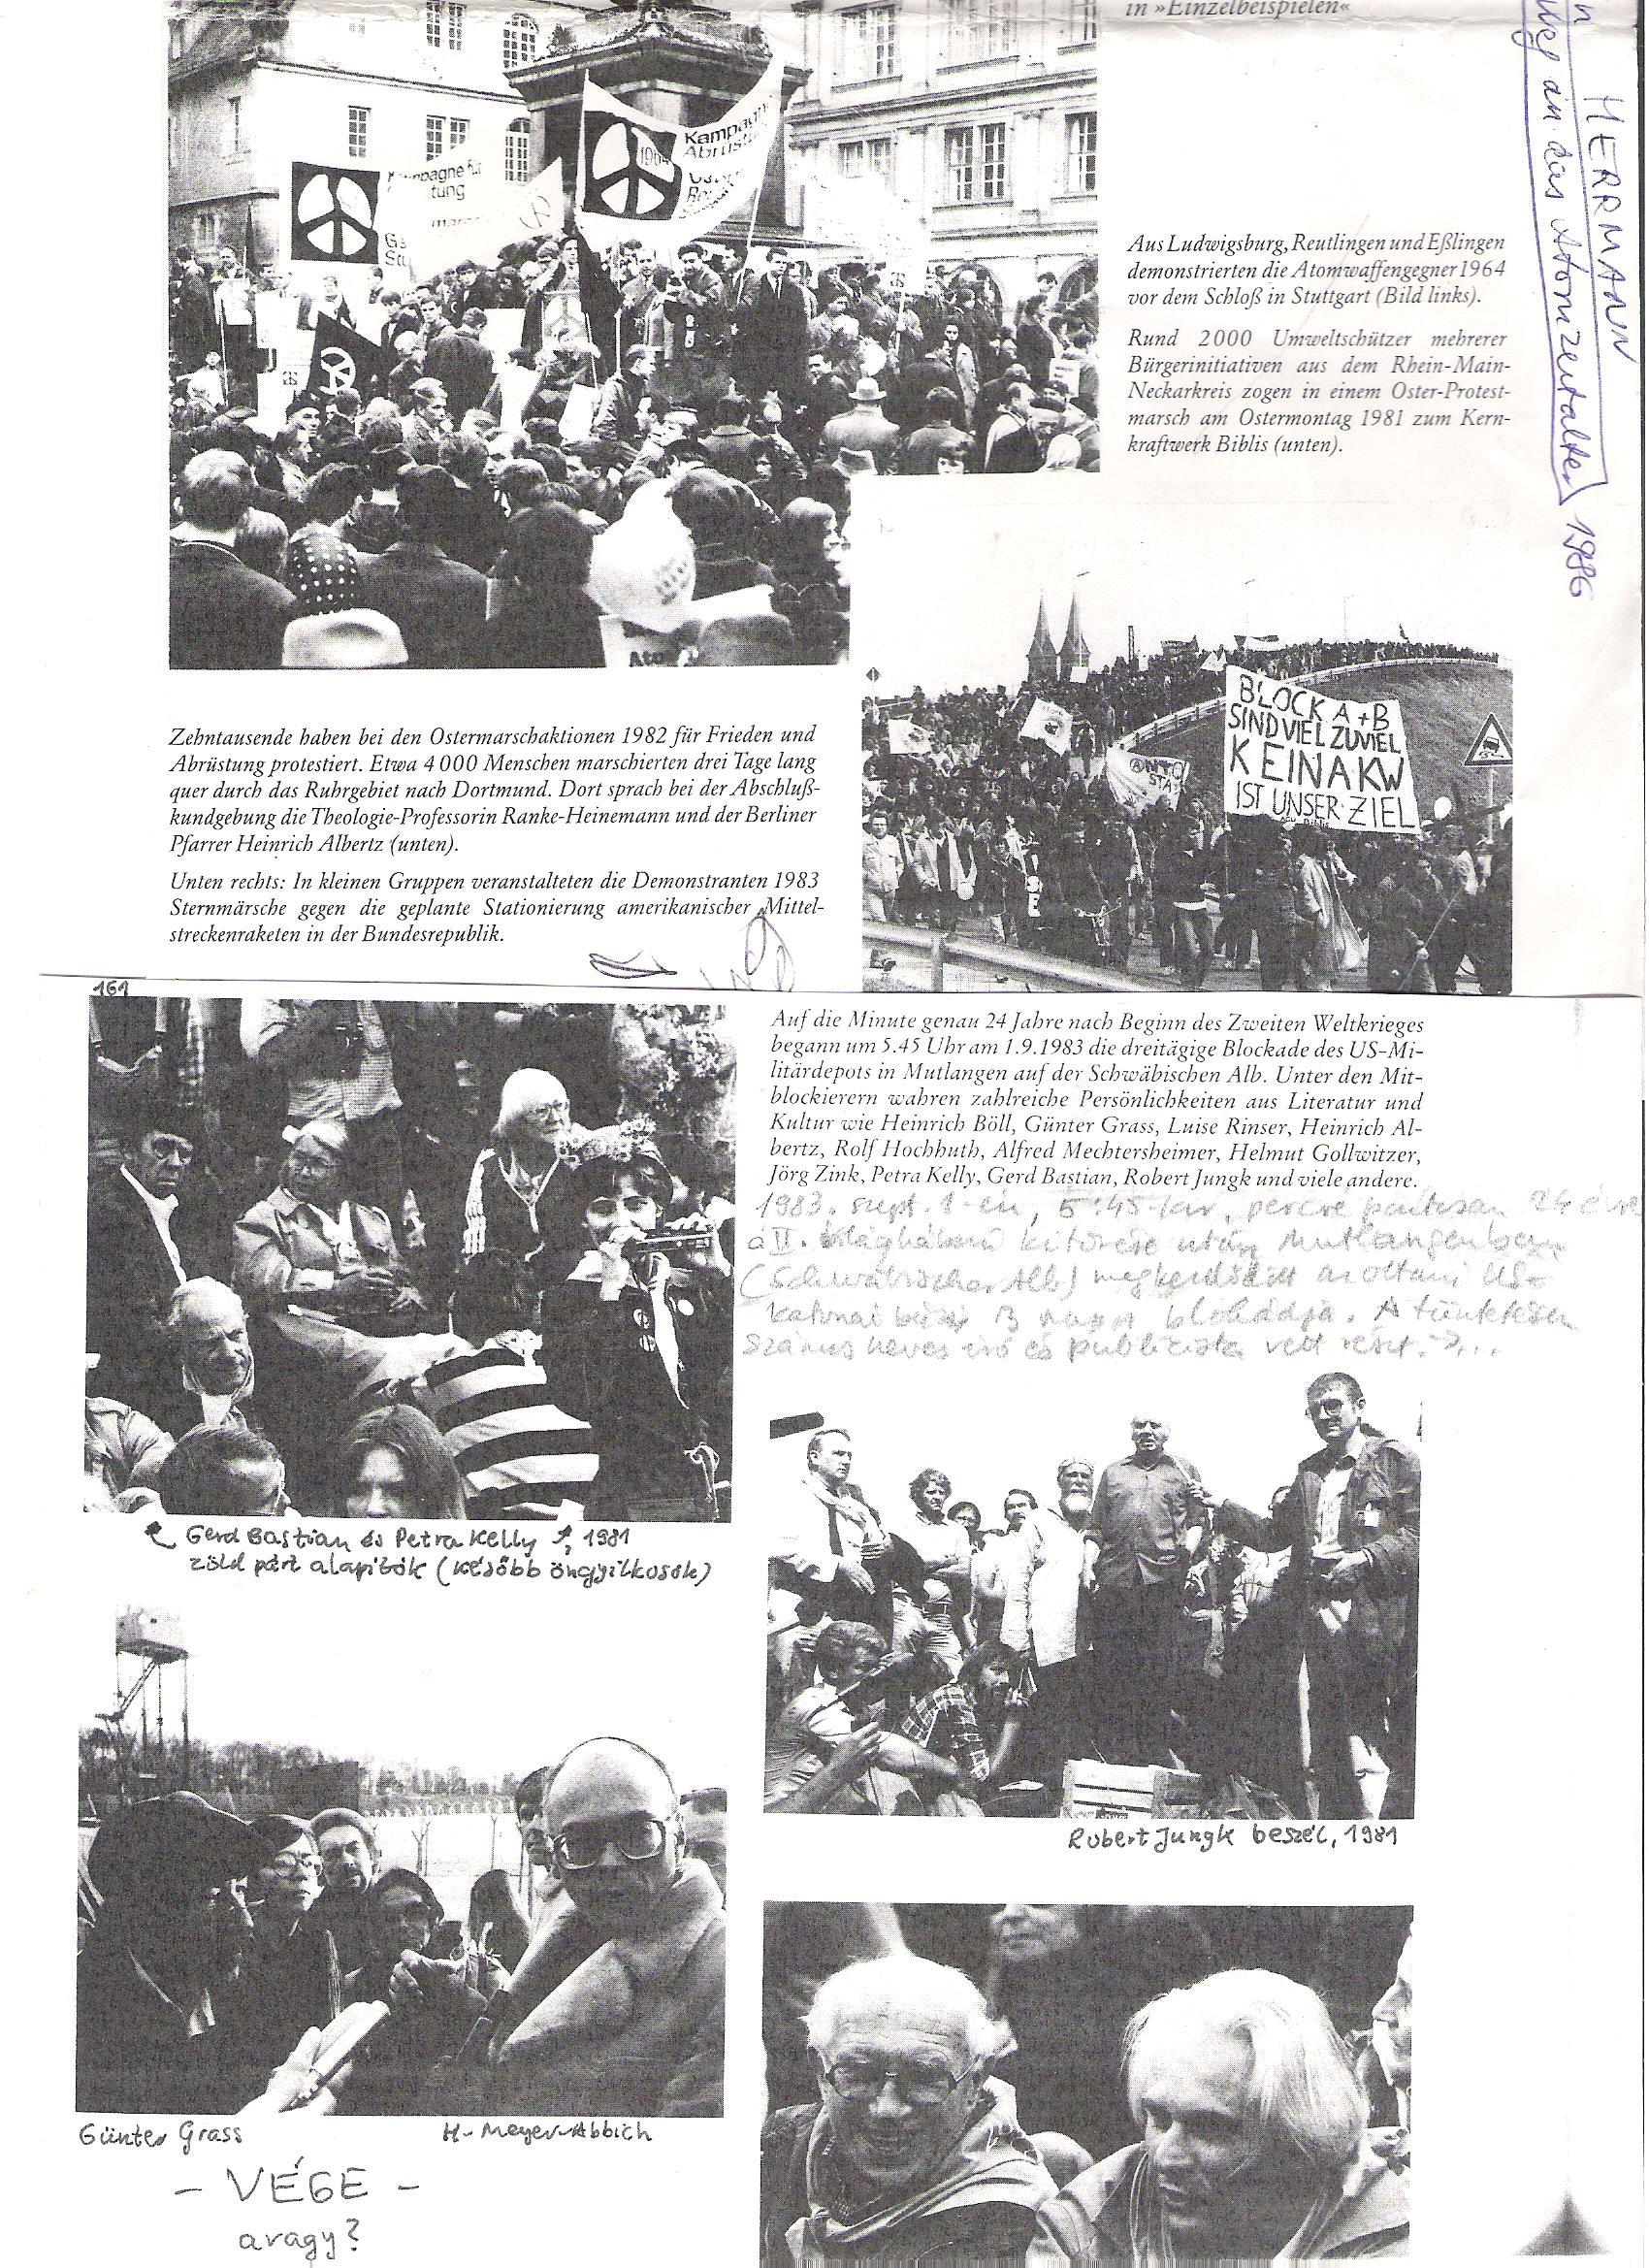 """161 <br />1983. szeptember 1-én,  5:45-kor, percre pontosan 24 évre a II. világháború kitörése után Mutlangenben (Schwäbischer Alb) megkezdődött az ottani US-katonai bázis 3 napos blokádja. A tüntetésen számos neves író és közéleti személyiség vett részt: Heinrich Böll, Günter Grass, Luise Rinser, Heinrich Albertz, Rolf Hochhuth, Alfred Mechtersheimer, Helmut Gollwitzer, Jörg Zink, Petra Kelly, Gerd Bastian, Robert Jungk és még sokan mások.<br /><br />161<br />A húsvéti menetelések, """"egyes példákban"""":<br />Ludwigsburgból, Reutlingenből és Eßlingenből indultak az atomfegyverek elleni tüntetők a stuttgarti kastély elé.<br />2000 környezetvédő, több  polgári kezdeményező csoportból a Rajna-Majna-Neckar-körzetből vonult 1981 húsvét hétfőjén a Biblis atomerőműhöz.<br />Tízezrek tüntettek 1982 húsvétján a békéért és a leszerelésért. Kb. 4000 ember menetelt a Ruhr-vidéken át Dortmundba. Ott a zárórendezvényen Ranke-Heinemann professzor asszony és a berlini Heinrich Albertz atya mondott beszédet.<br />1983-ban kisebb csoportok csillagvonulásban tüntettek az amerikai középtávú atomrakéták tervezett telepítési helyén."""